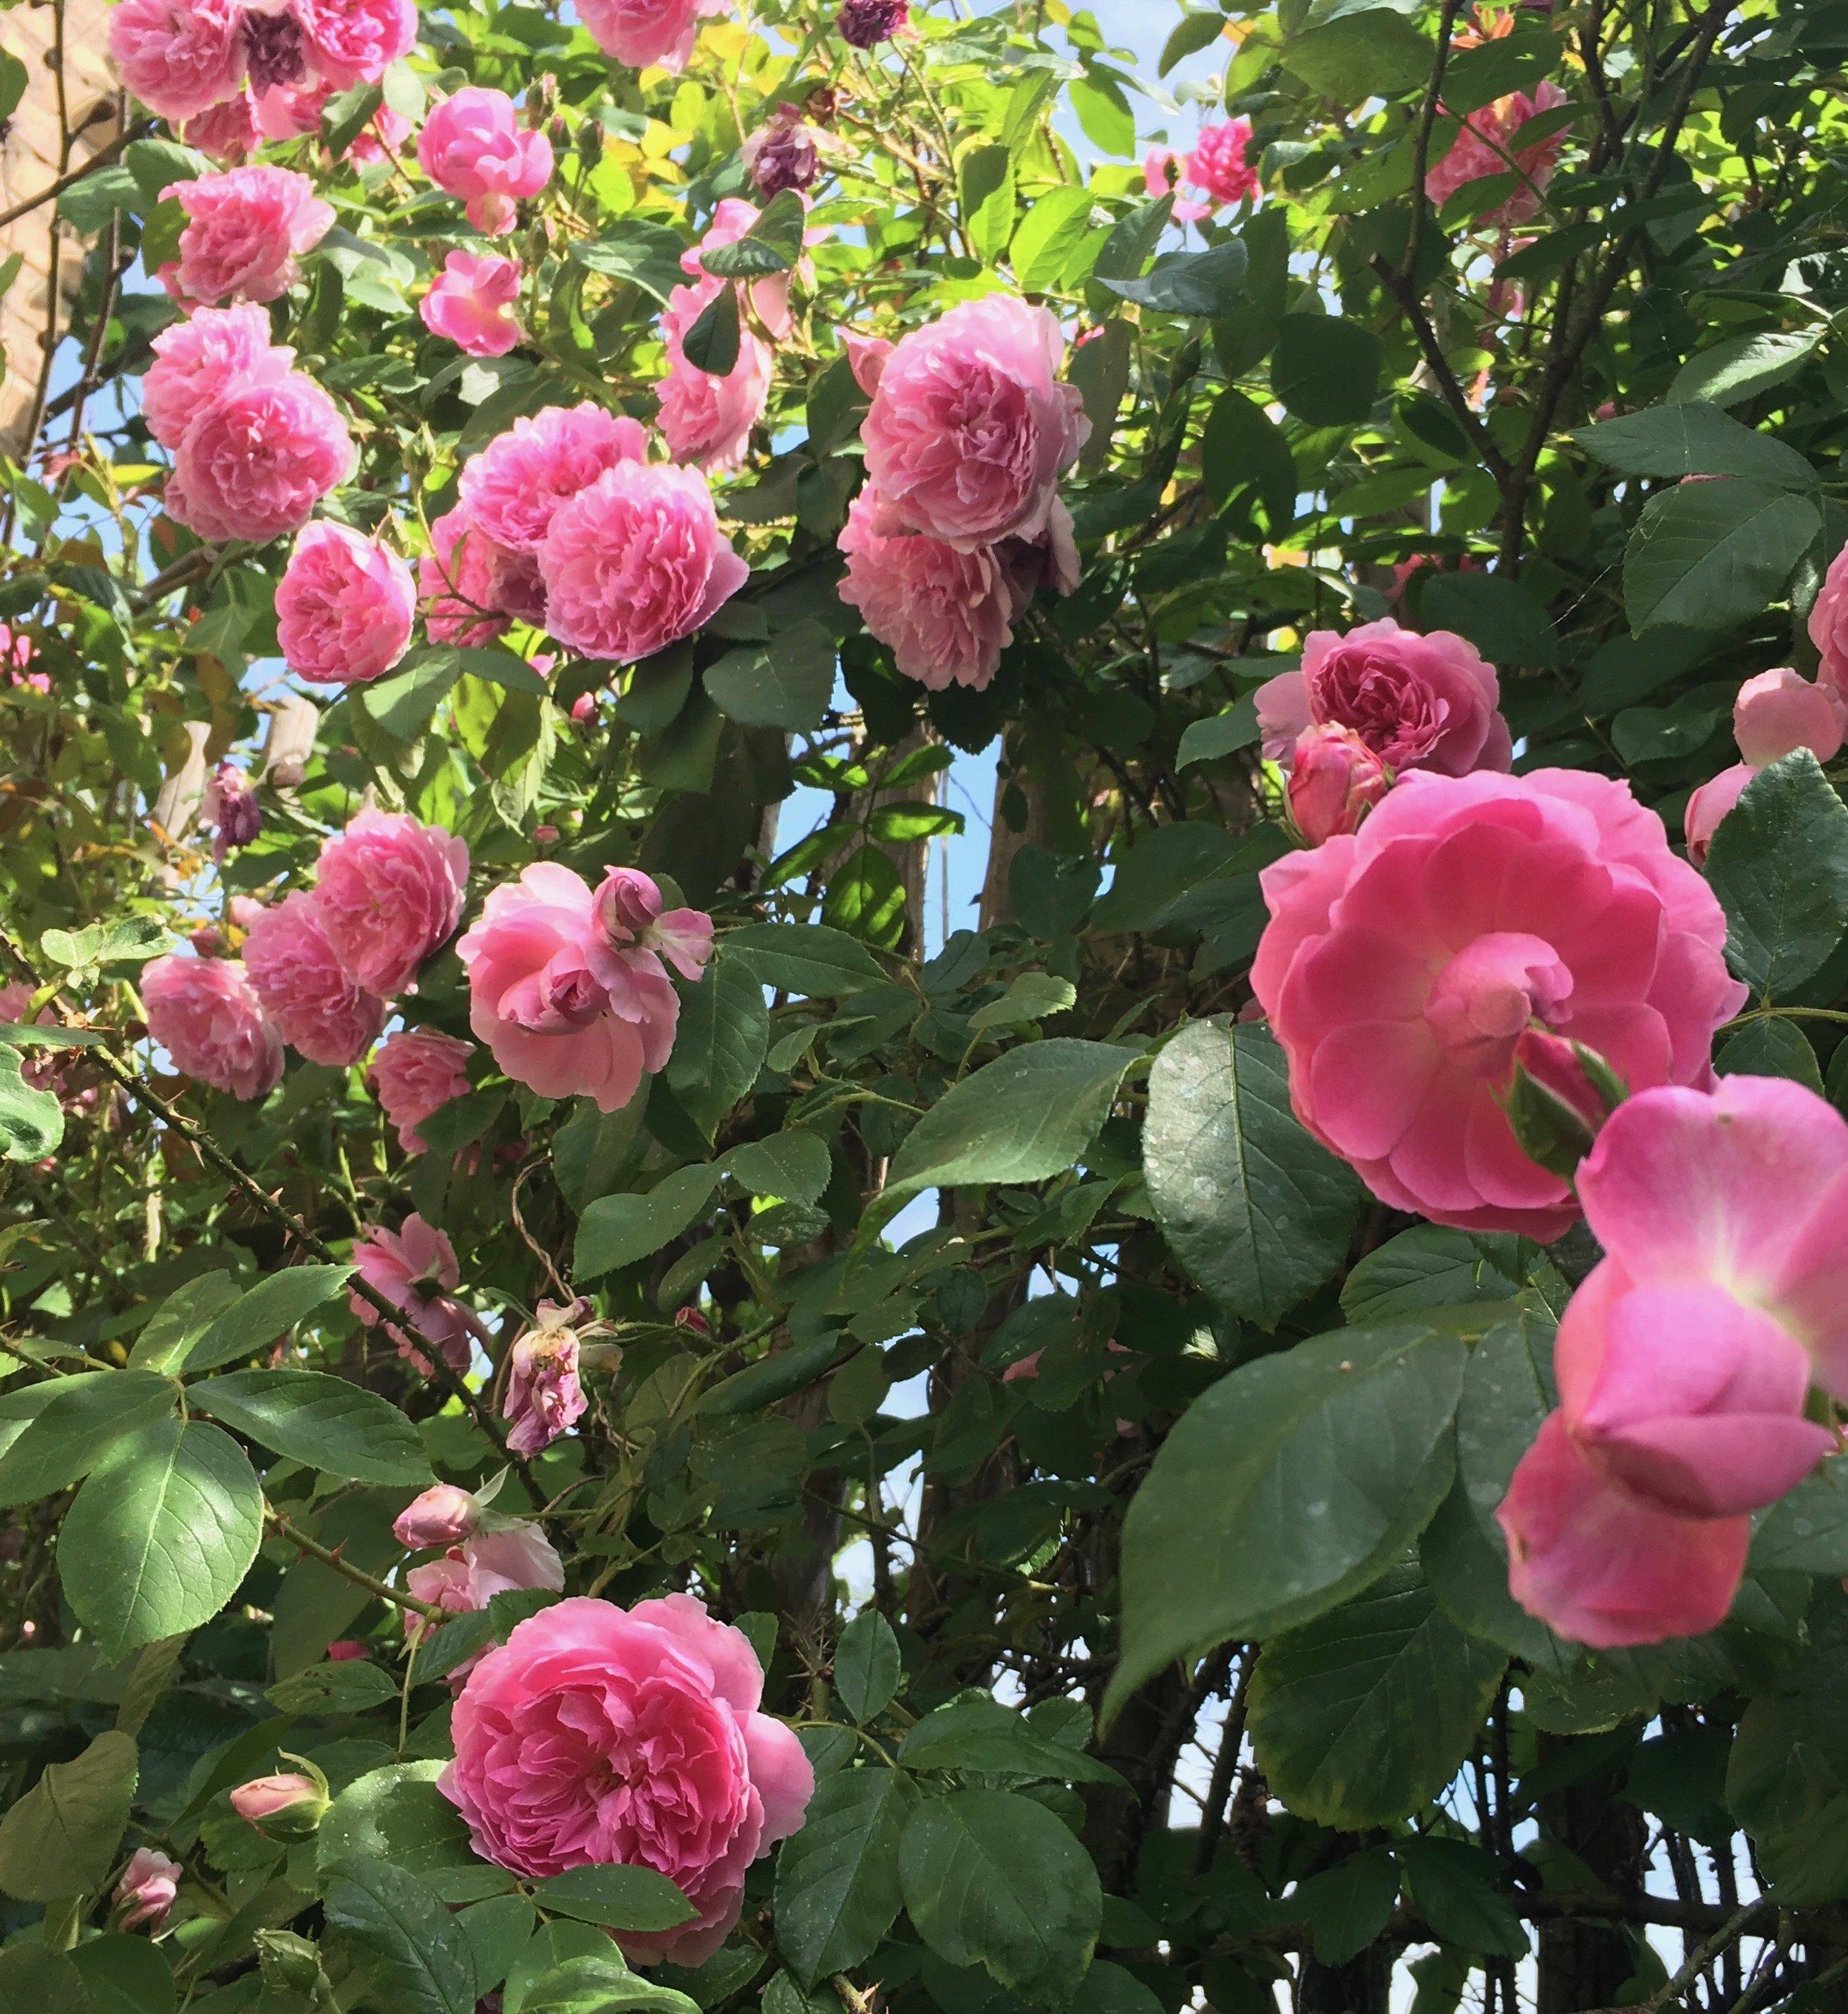 JUNI: Blomster overalt. Forårets spæde friskhed transformeres til sommerens frodighed.